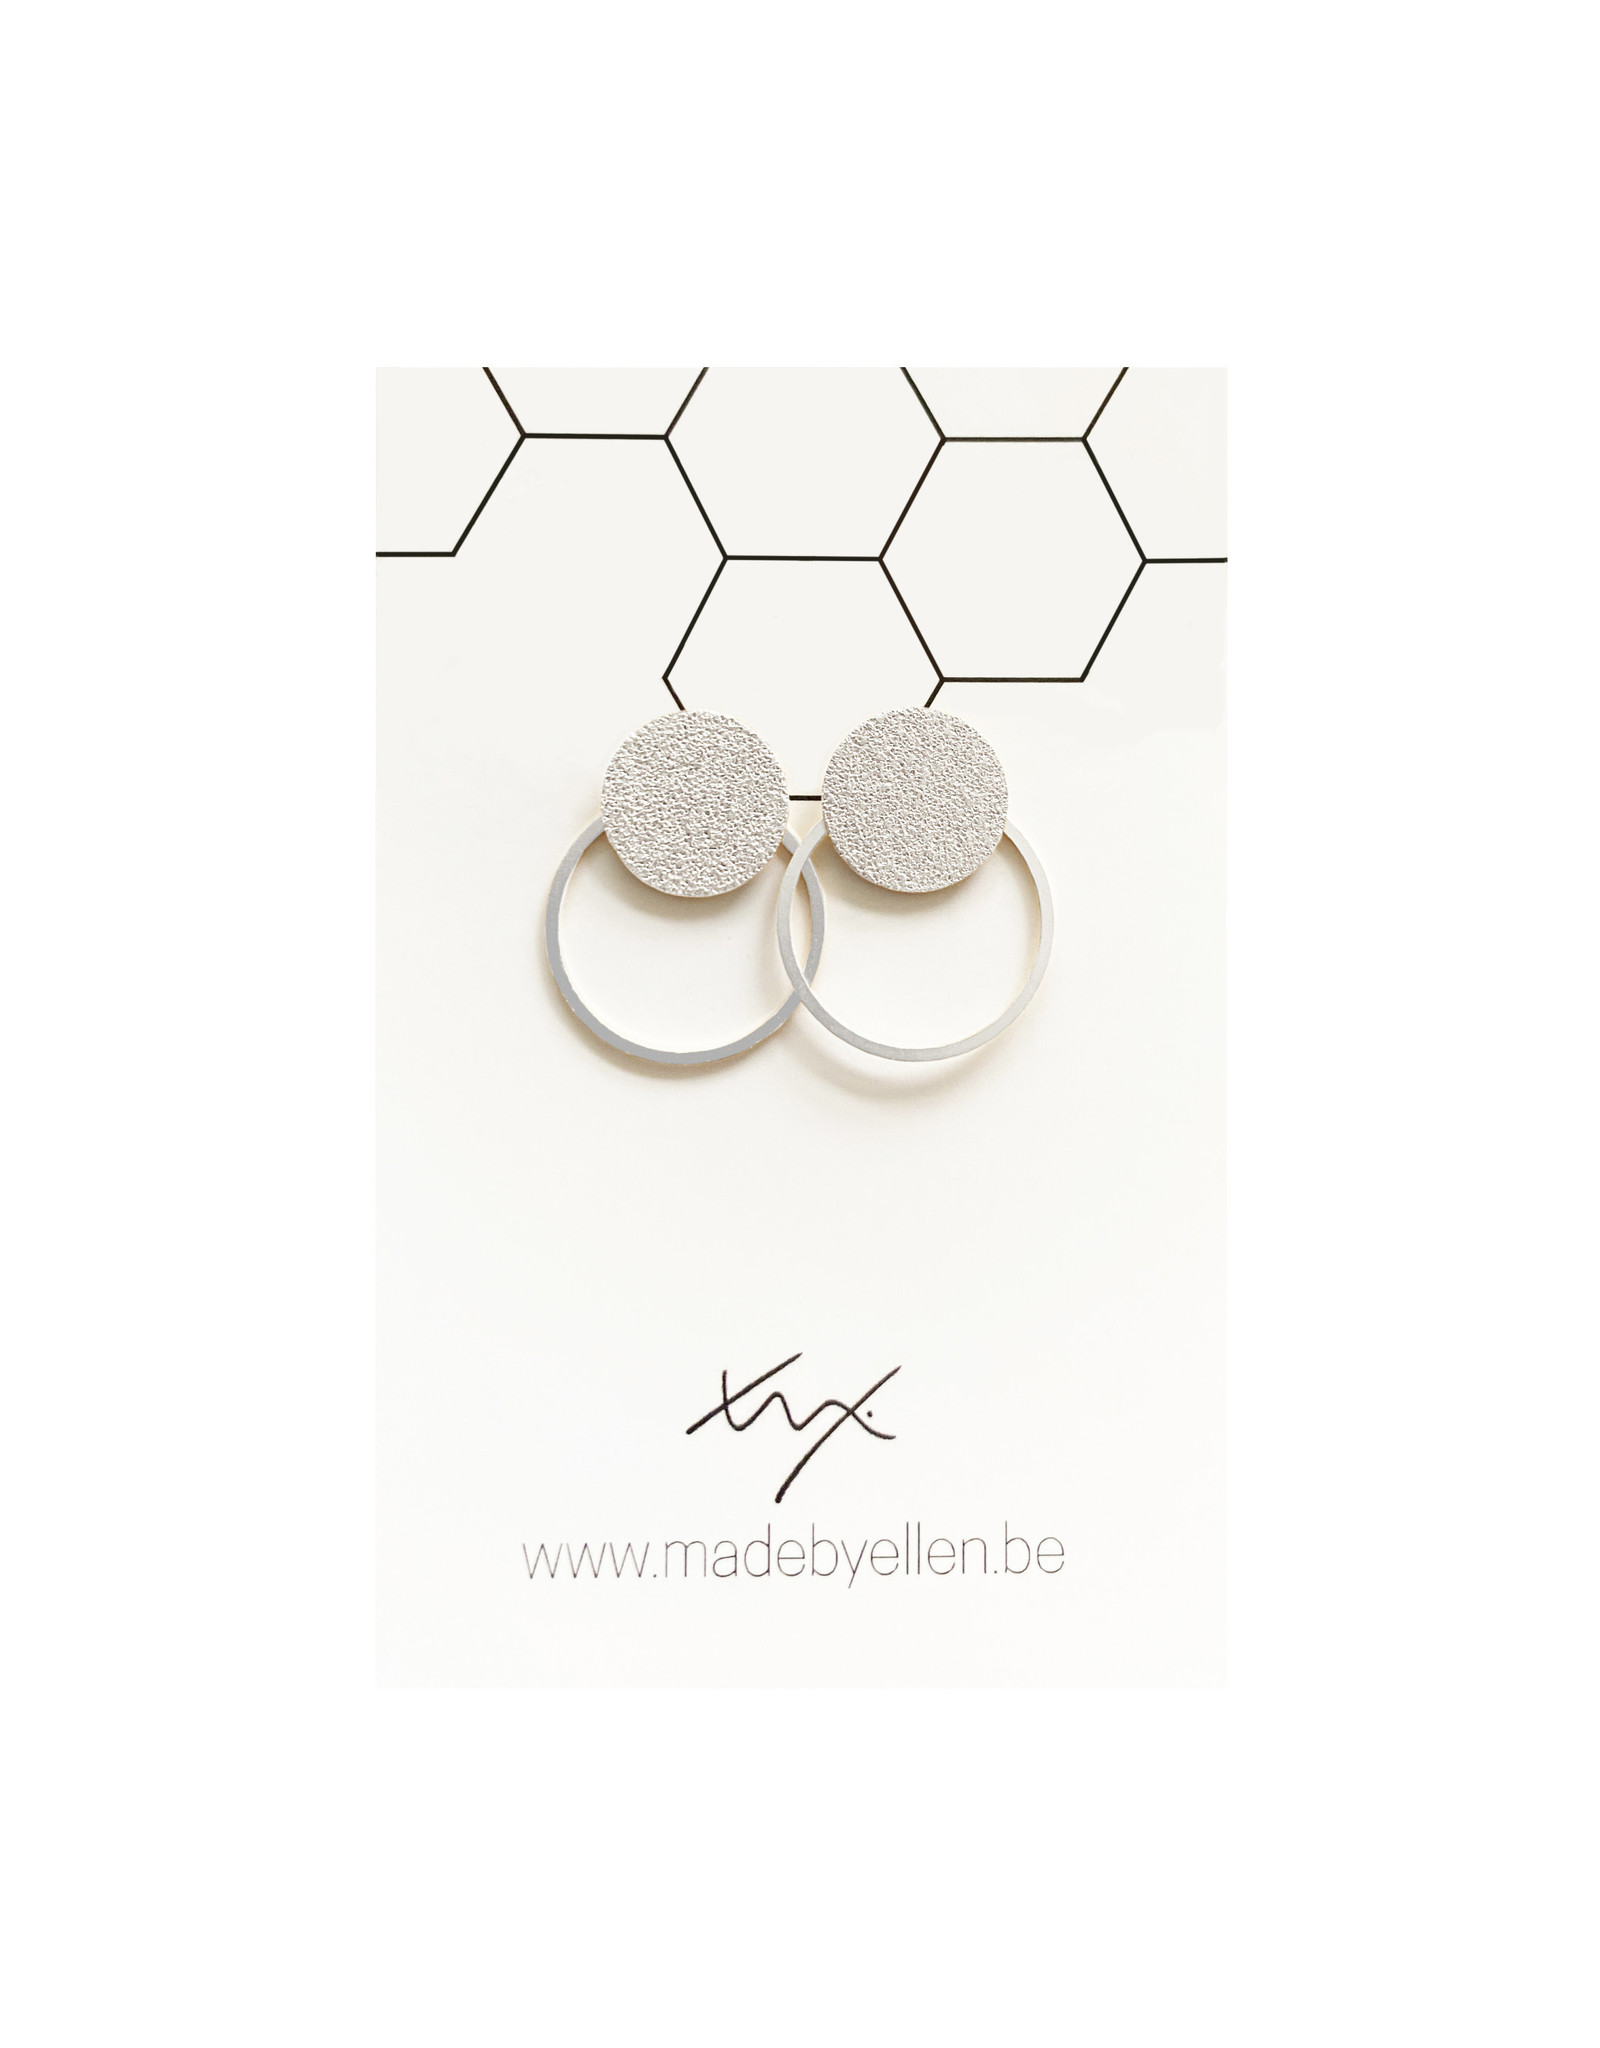 oorbEllen steker mat zilver met ring zilver